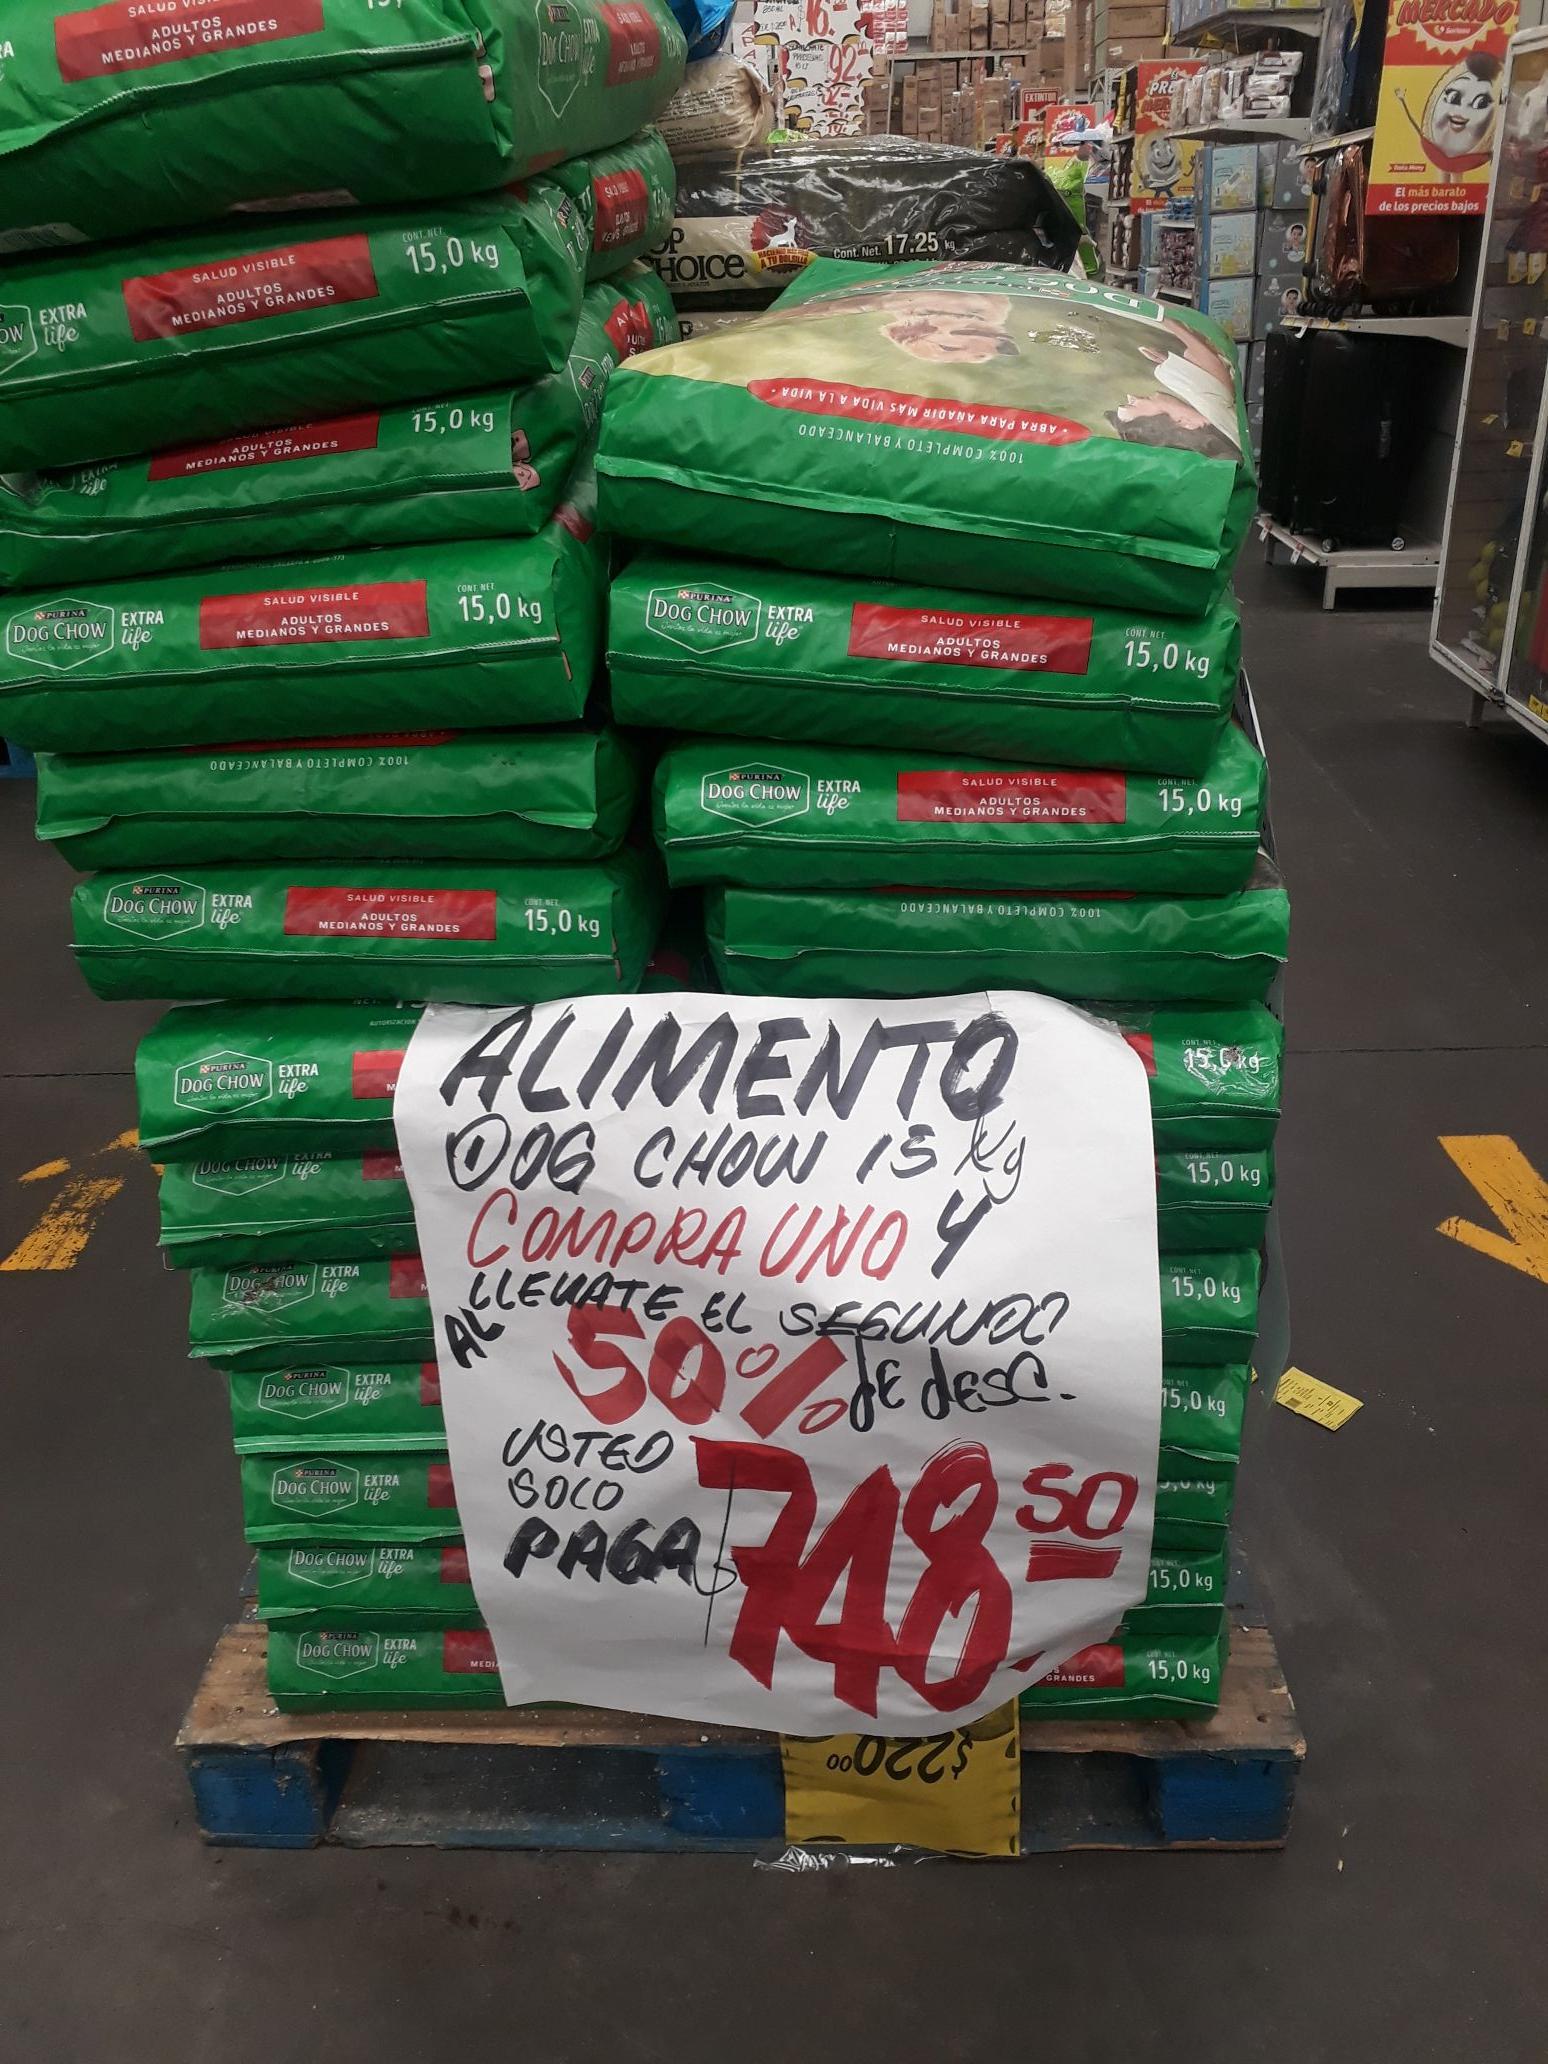 Mercado soriana: Purina DOG CHOW extra life 15 Kg (2x$748)